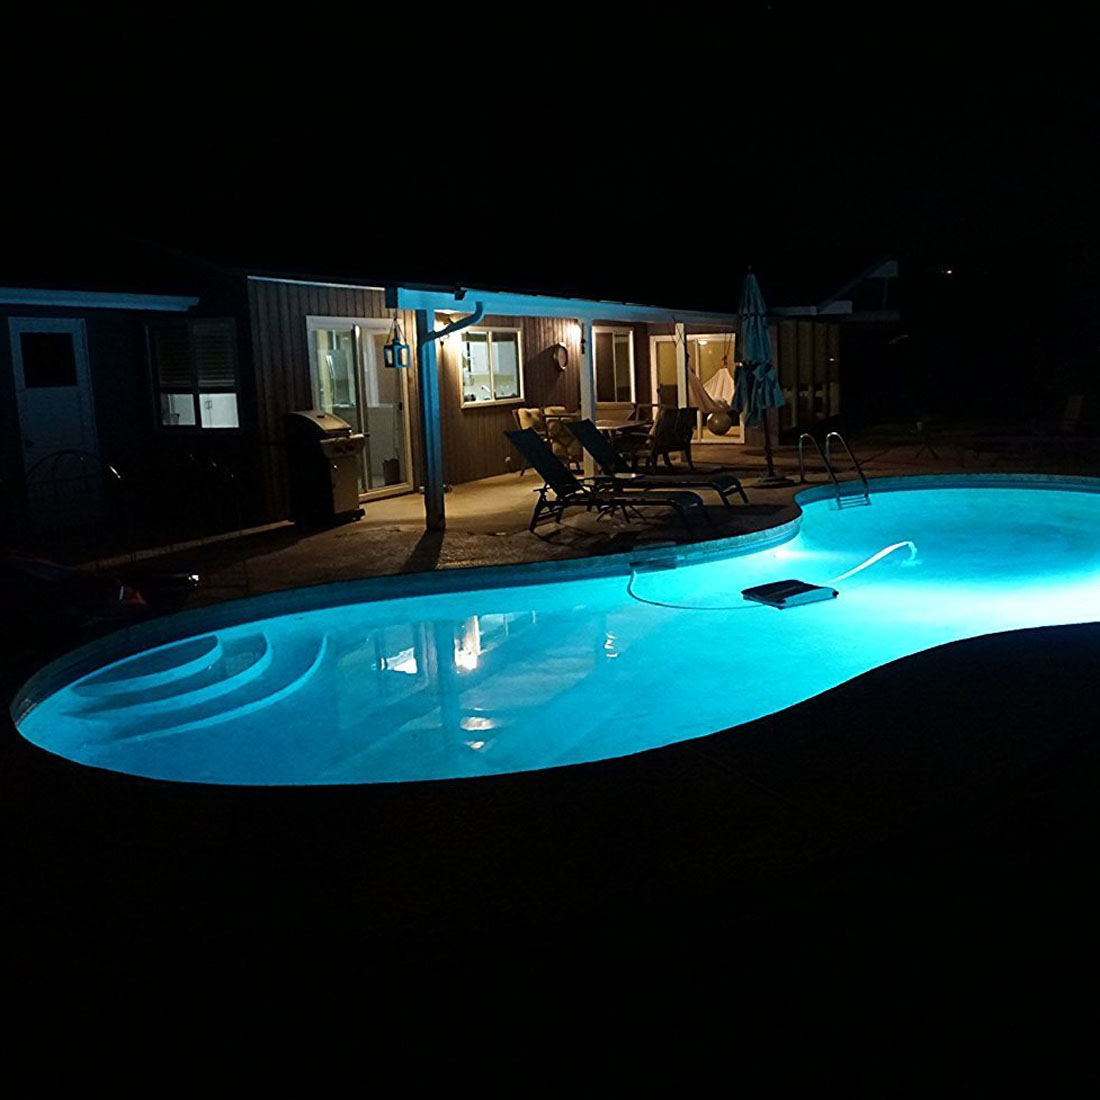 120v 6500k white swimming pool led light bulb replacement - Swimming pool light bulbs halogen ...